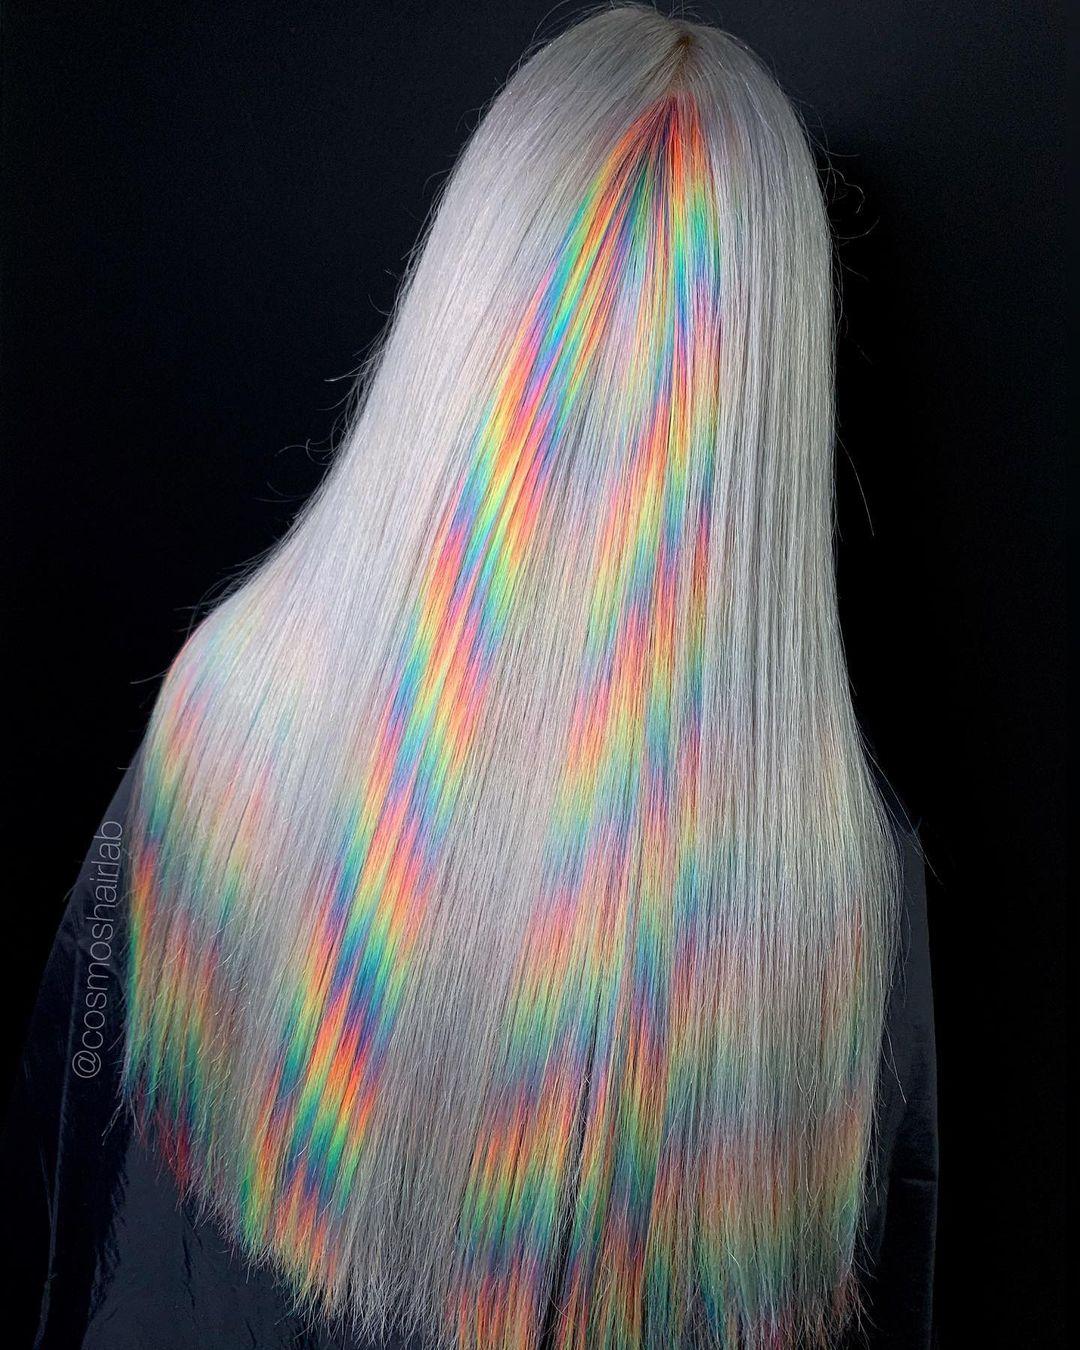 cabello de prisma